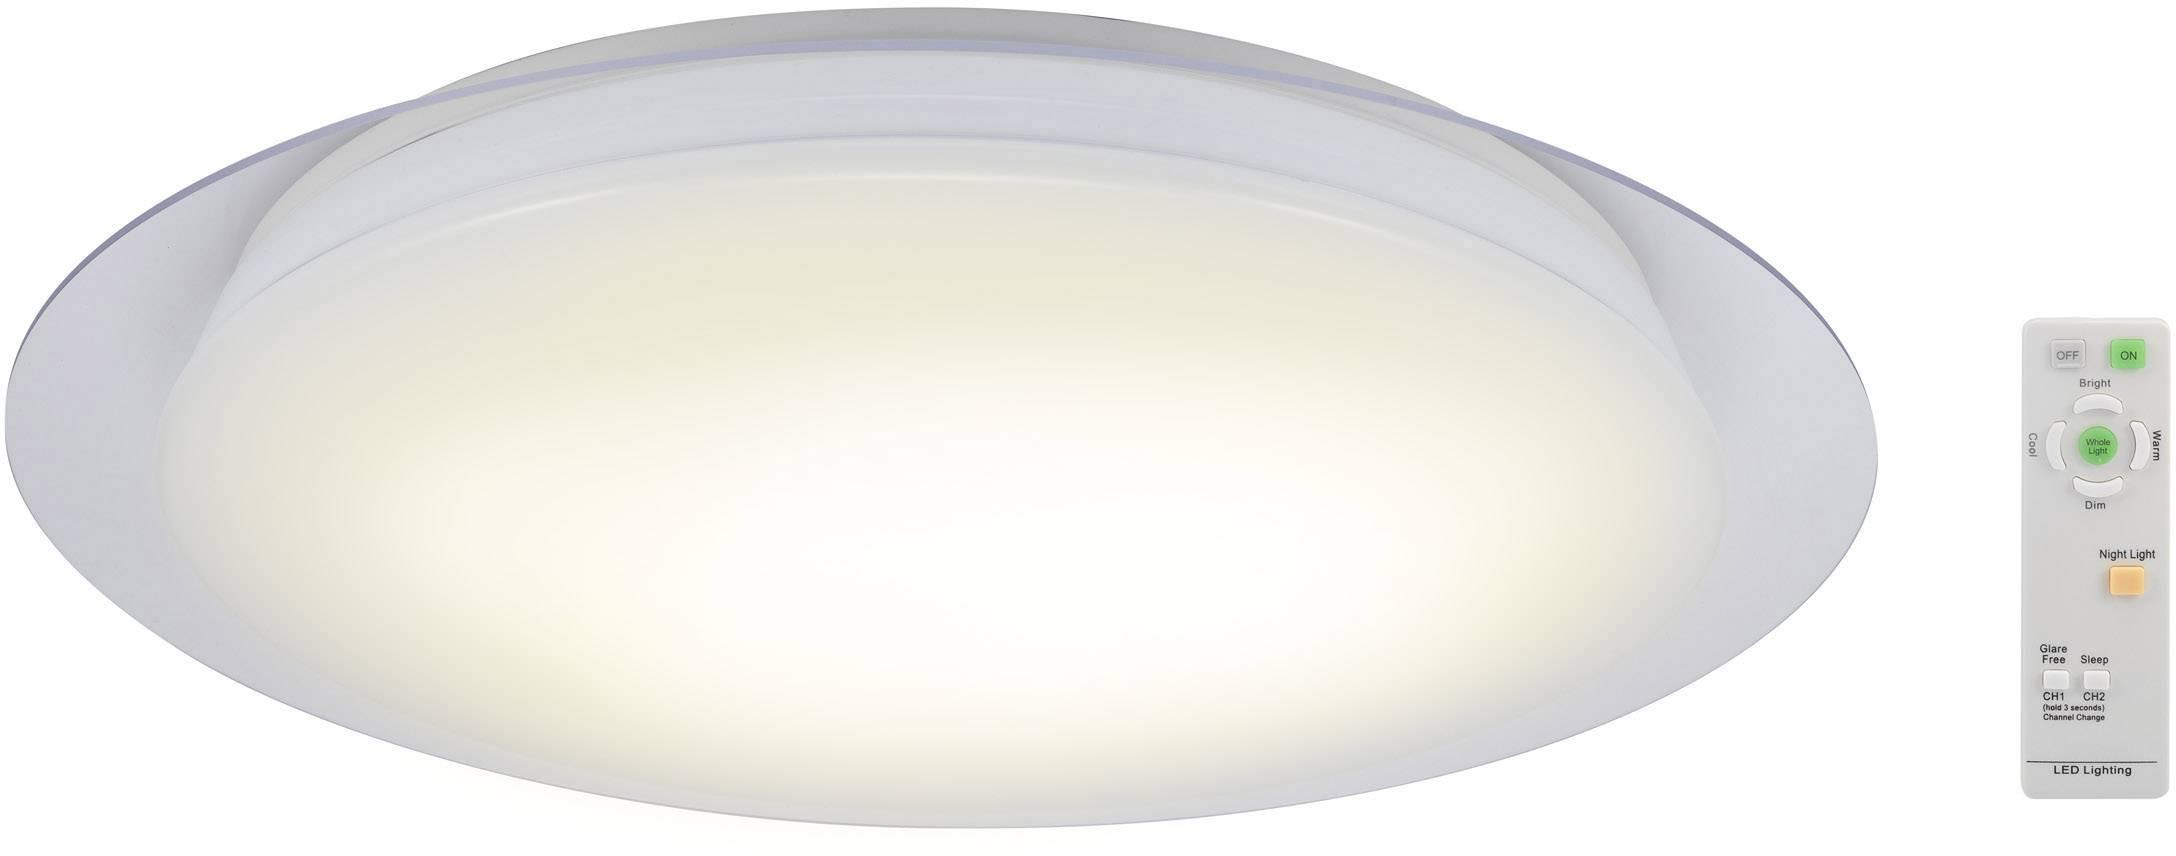 LED stropné svietidlo Renkforce Malaga 1 1315519, 37 W, vonkajší Ø 51 cm, teplá biela, chladná biela, denné svetlo, biela